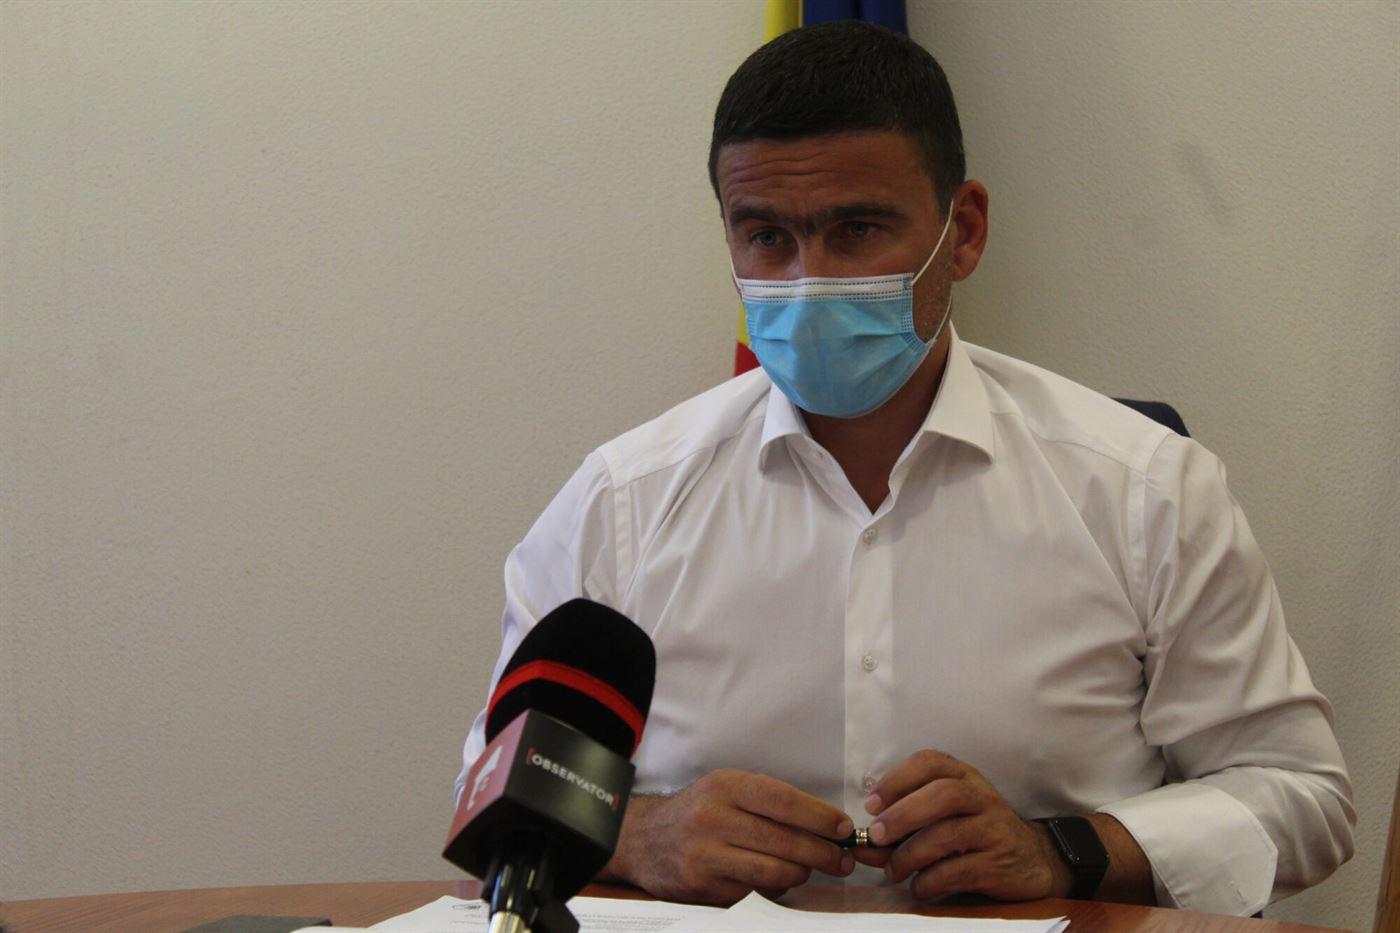 Prefectul Boboc îngrijorat de creșterea numărului de infectări cu COVID-19 în județul Brăila